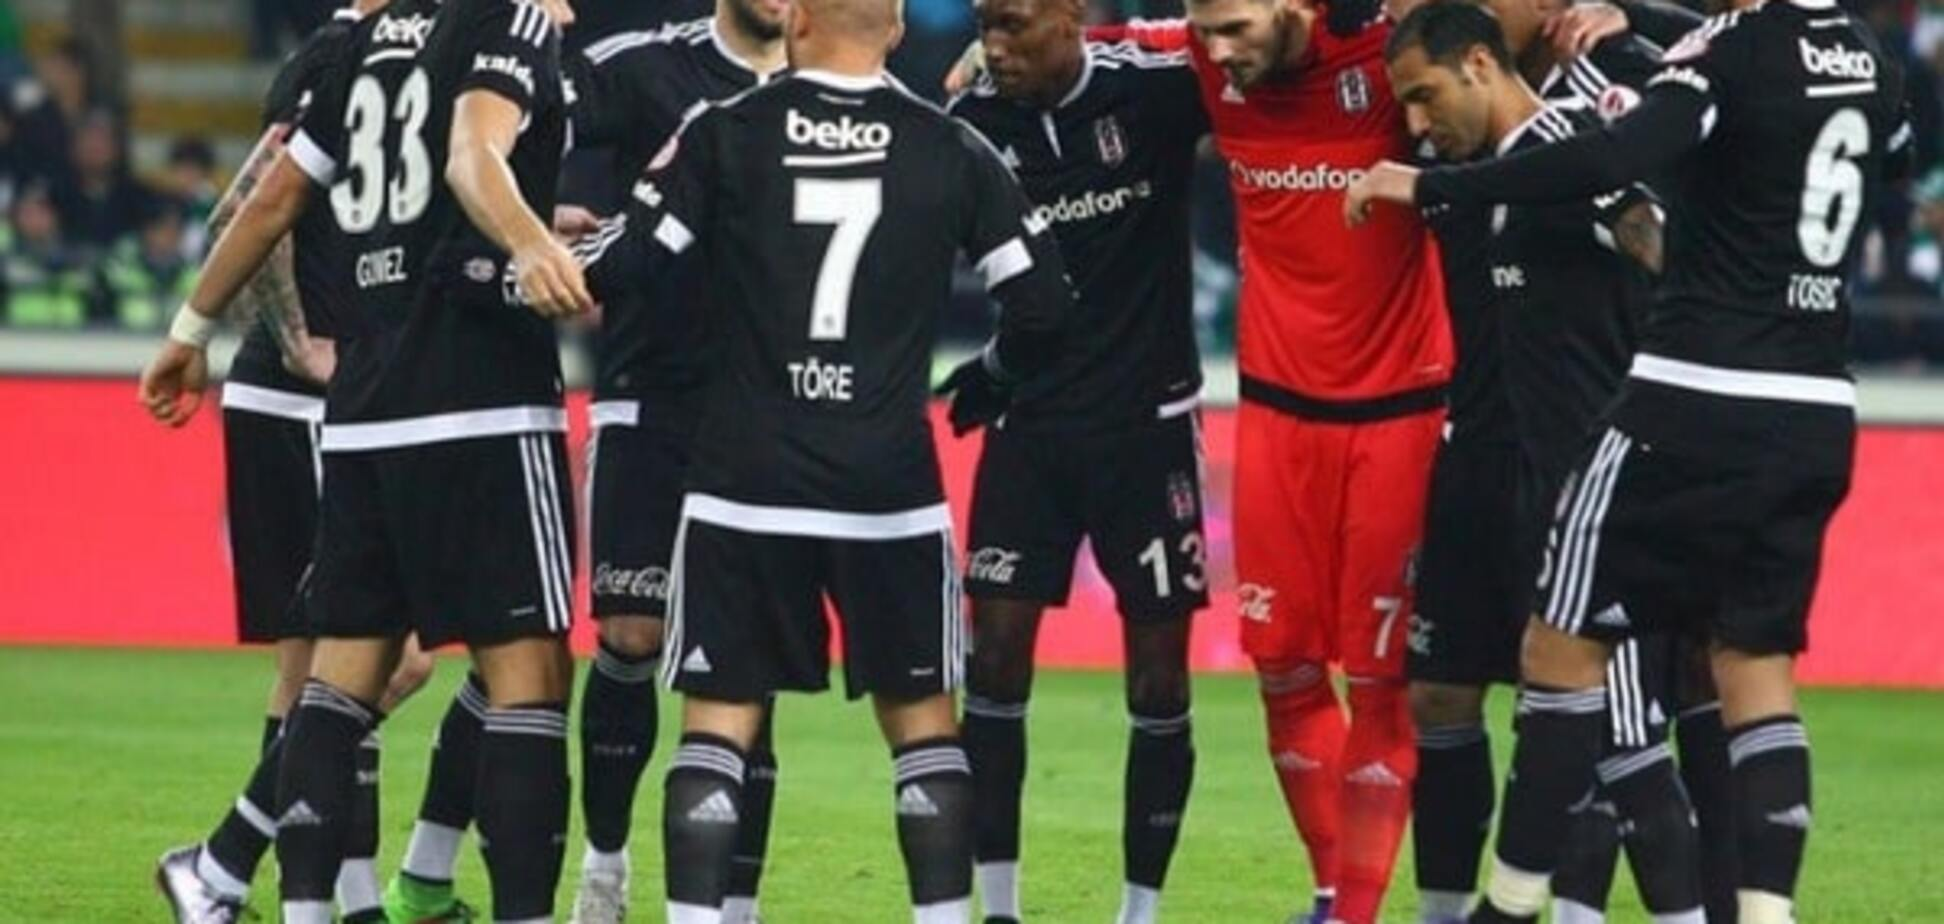 Воротар збірної України знову провалив матч за турецький клуб